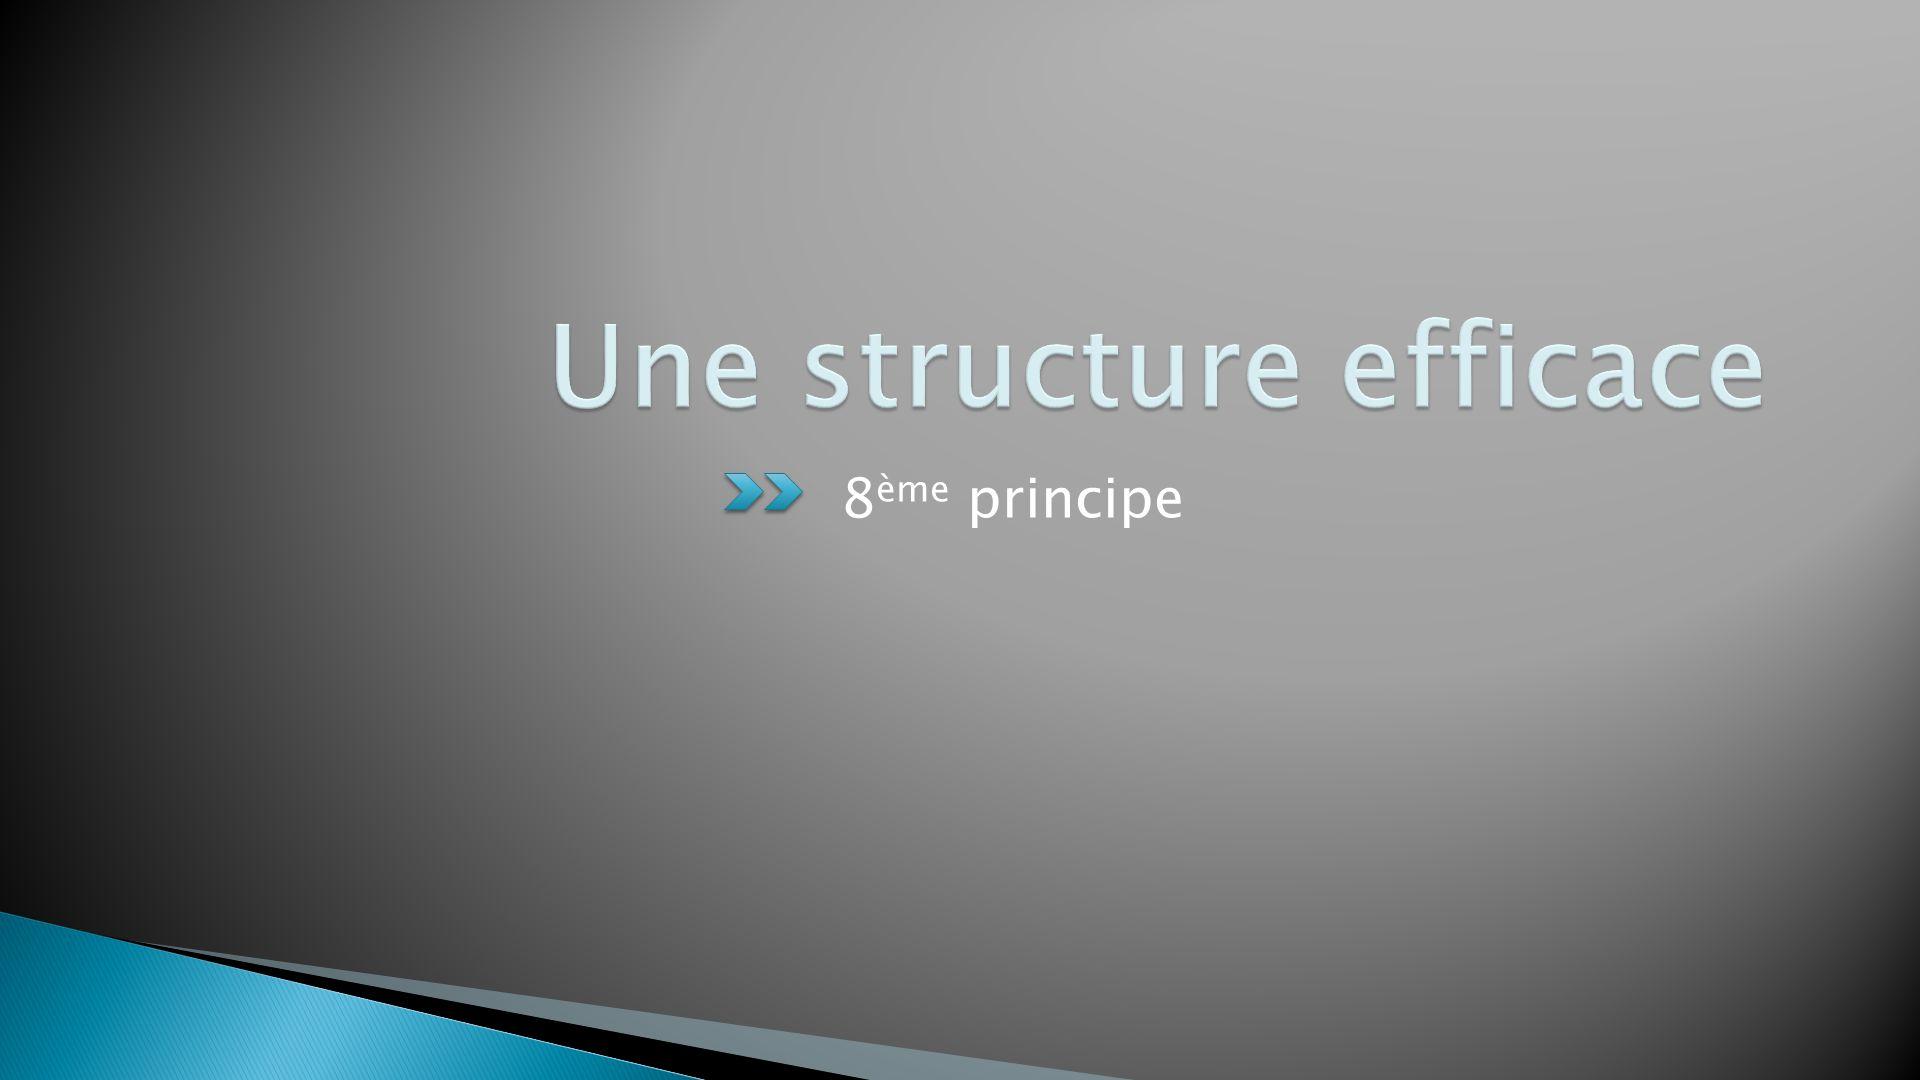 Une structure efficace